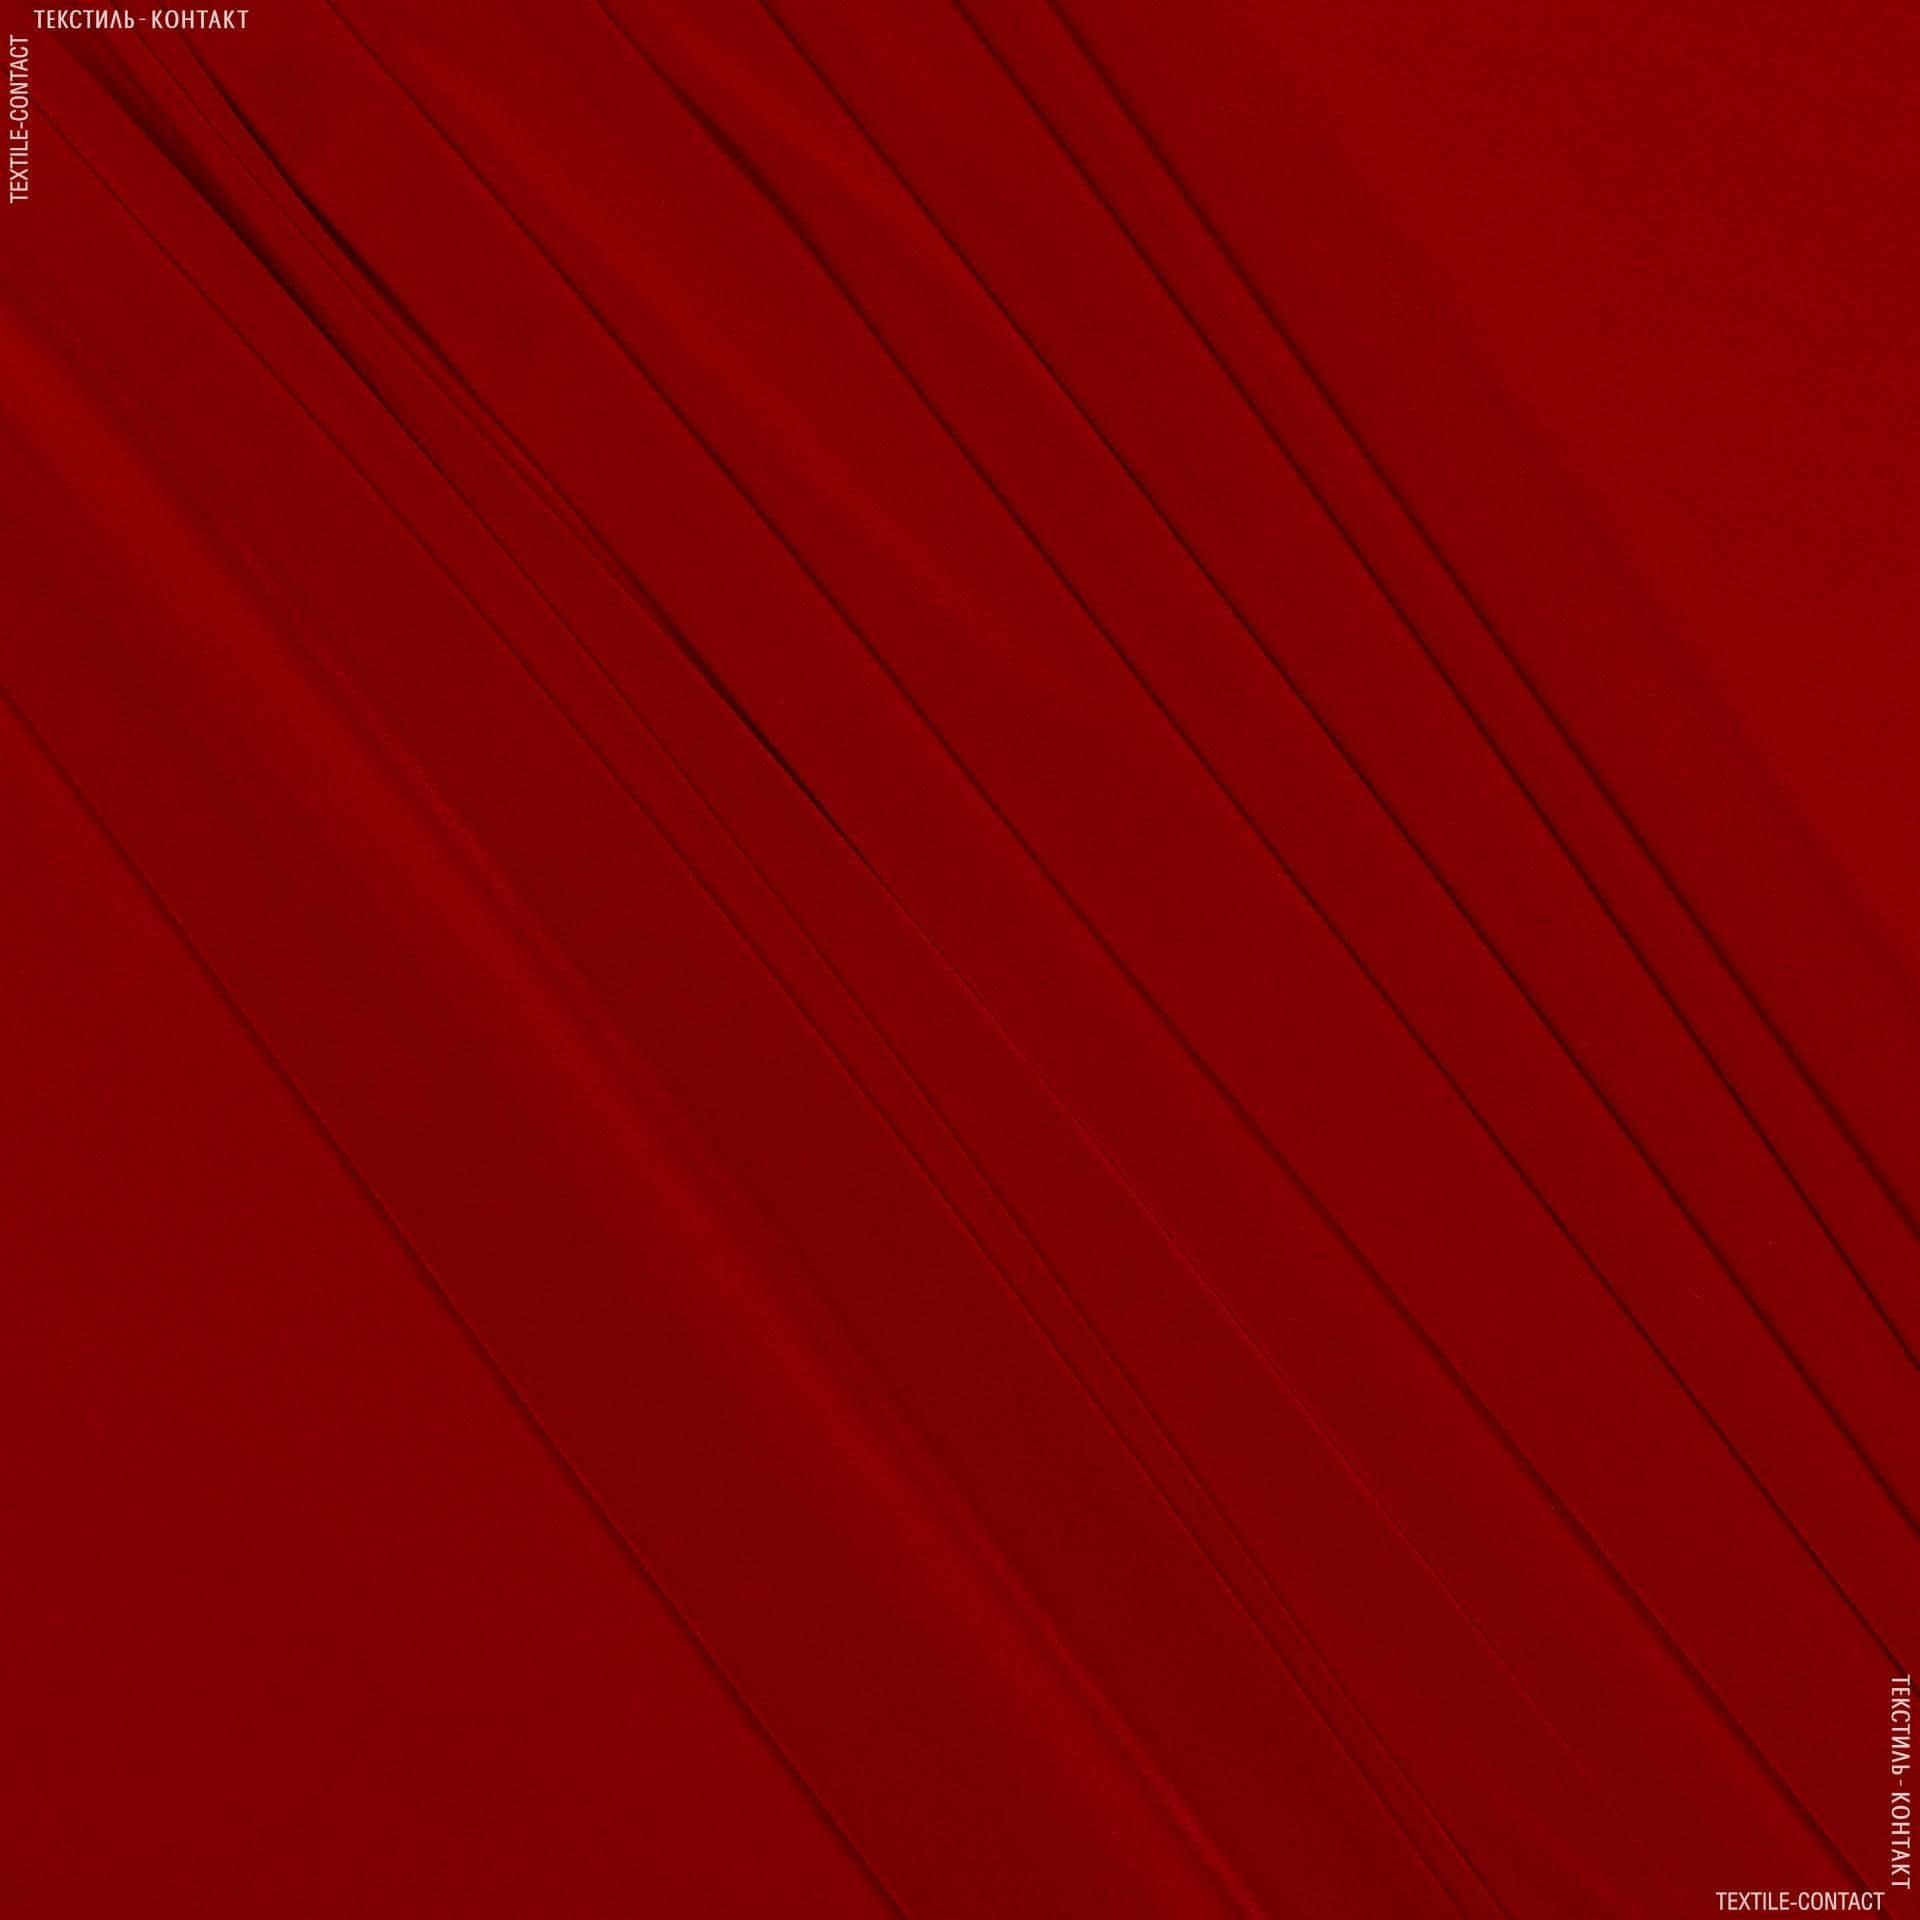 Тканини для суконь - Трикотаж жасмін червоний